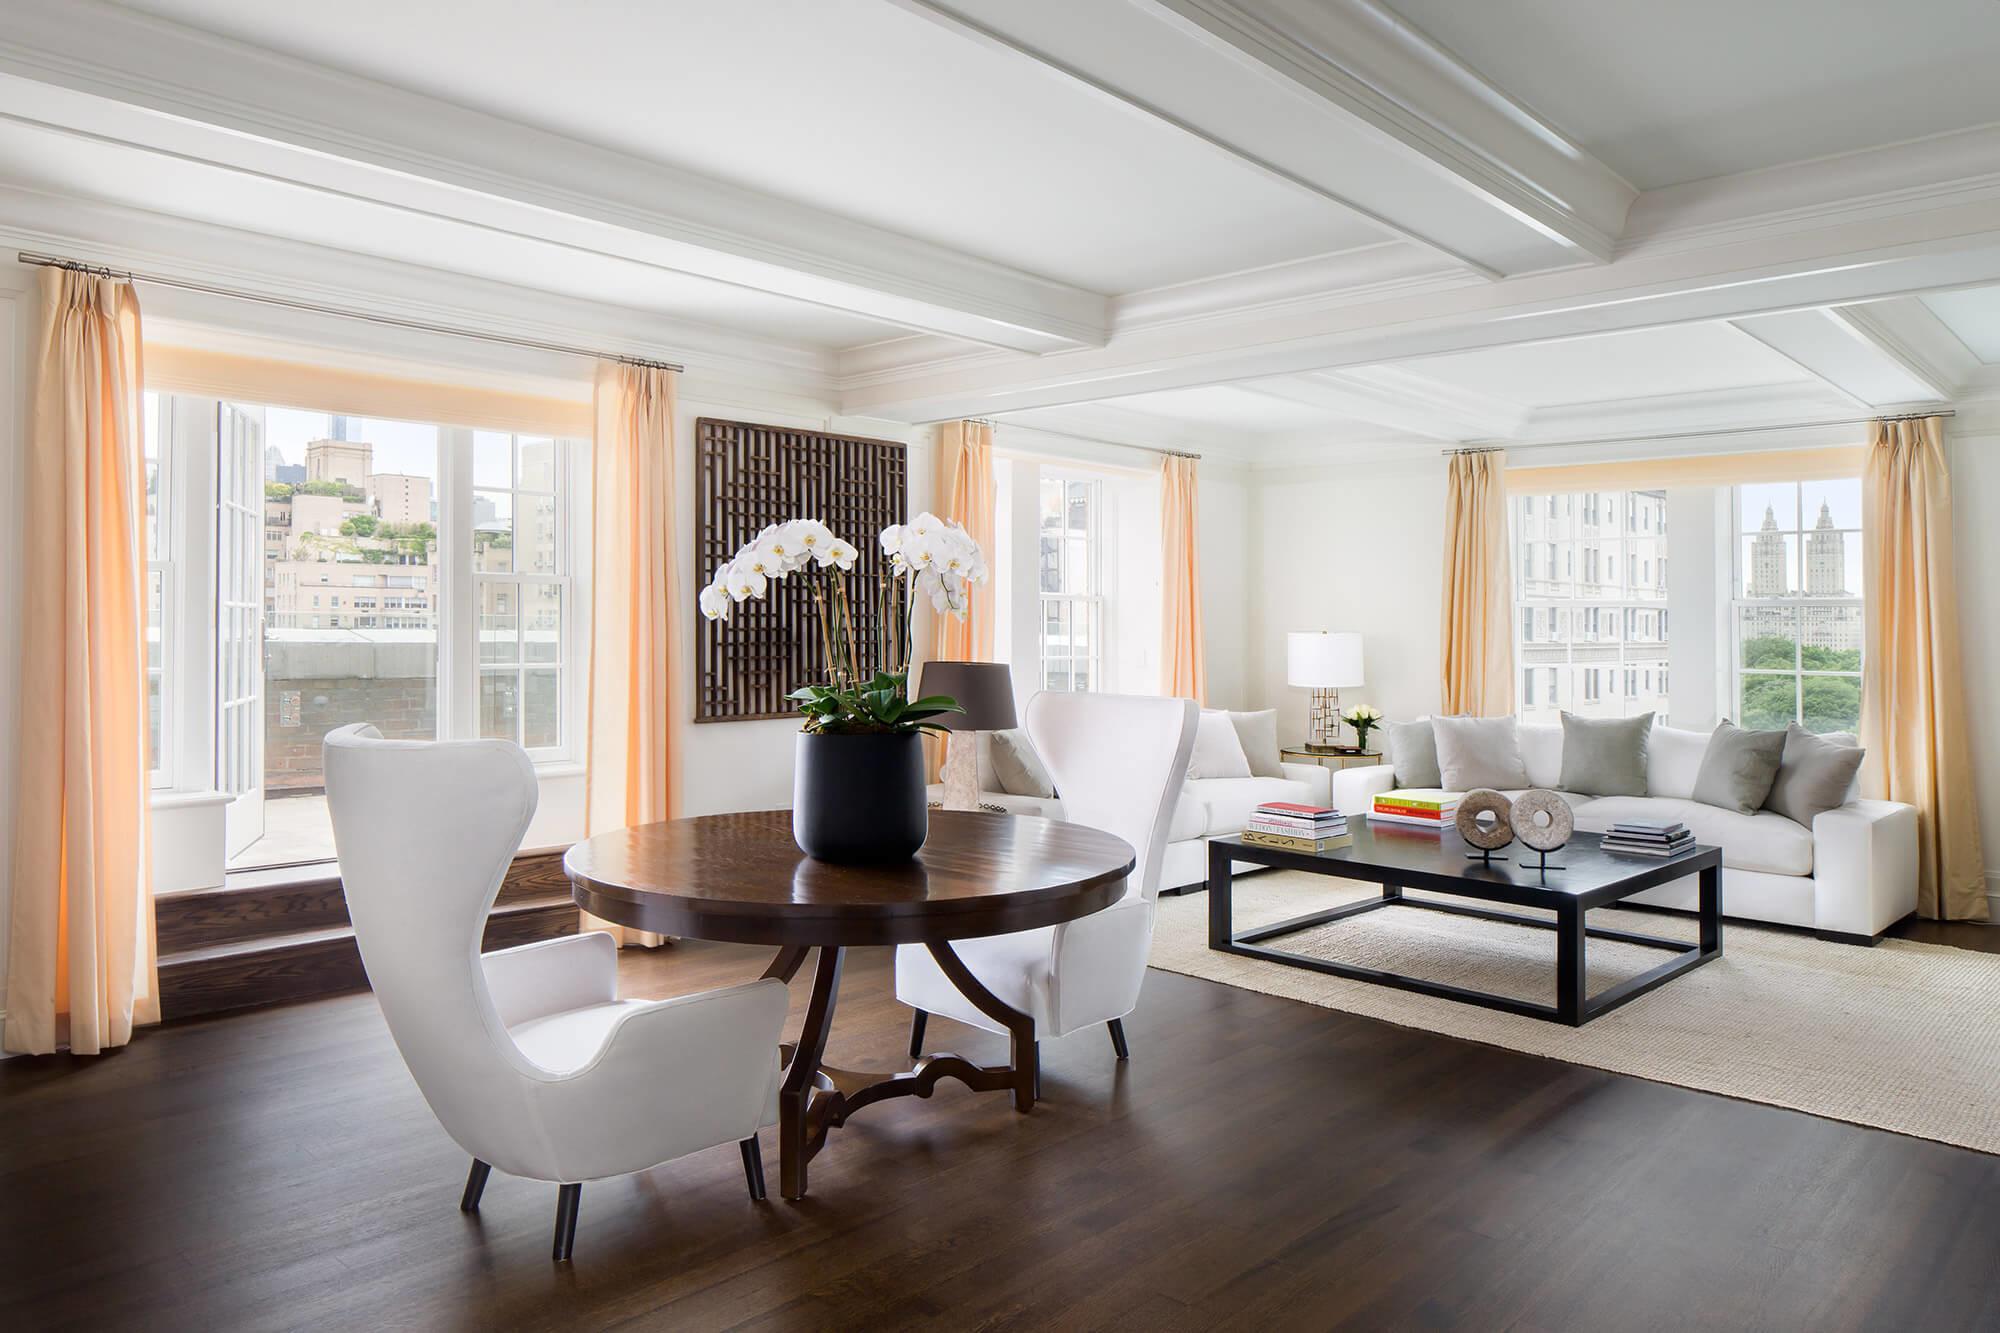 Mark-Five-Bedroom-Suite-Living-Room-1-2000x1333 - LATTE Luxury News